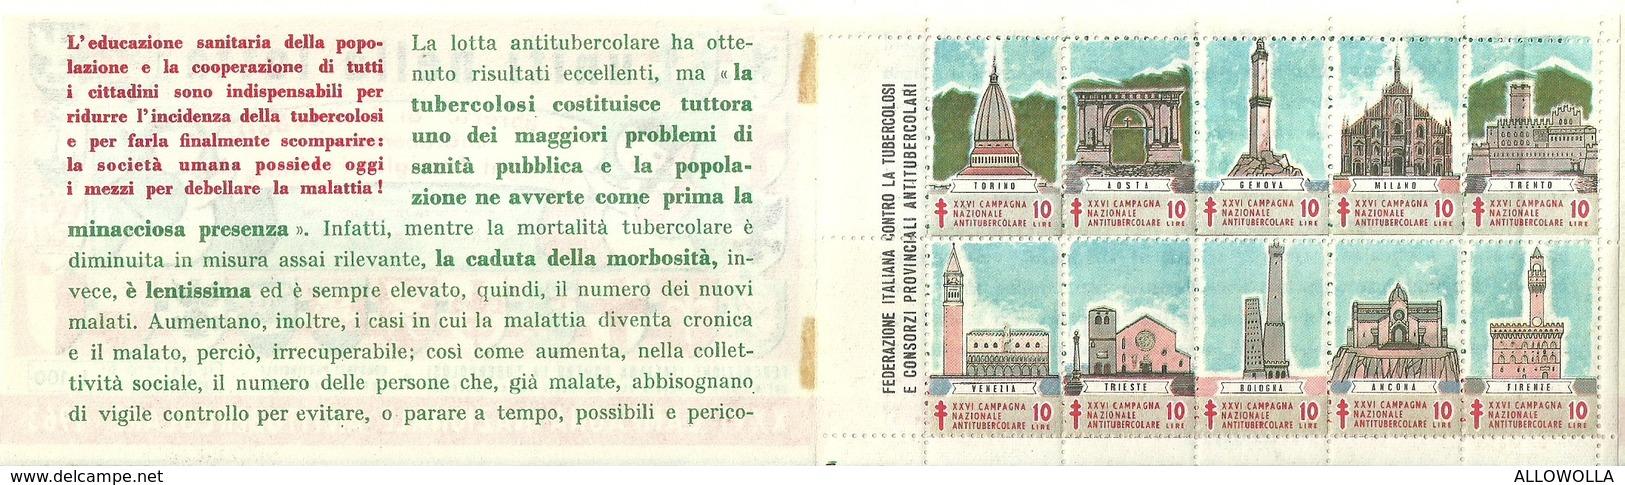 """6063 """" ERINNOFILI-XXVI CAMPAGNA NAZIONALE ANTITUBERCOLARE-1963-PRIMA SERIE-LIBRETTO DI 10 FRANCOBOLLI"""" - Erinnofilia"""